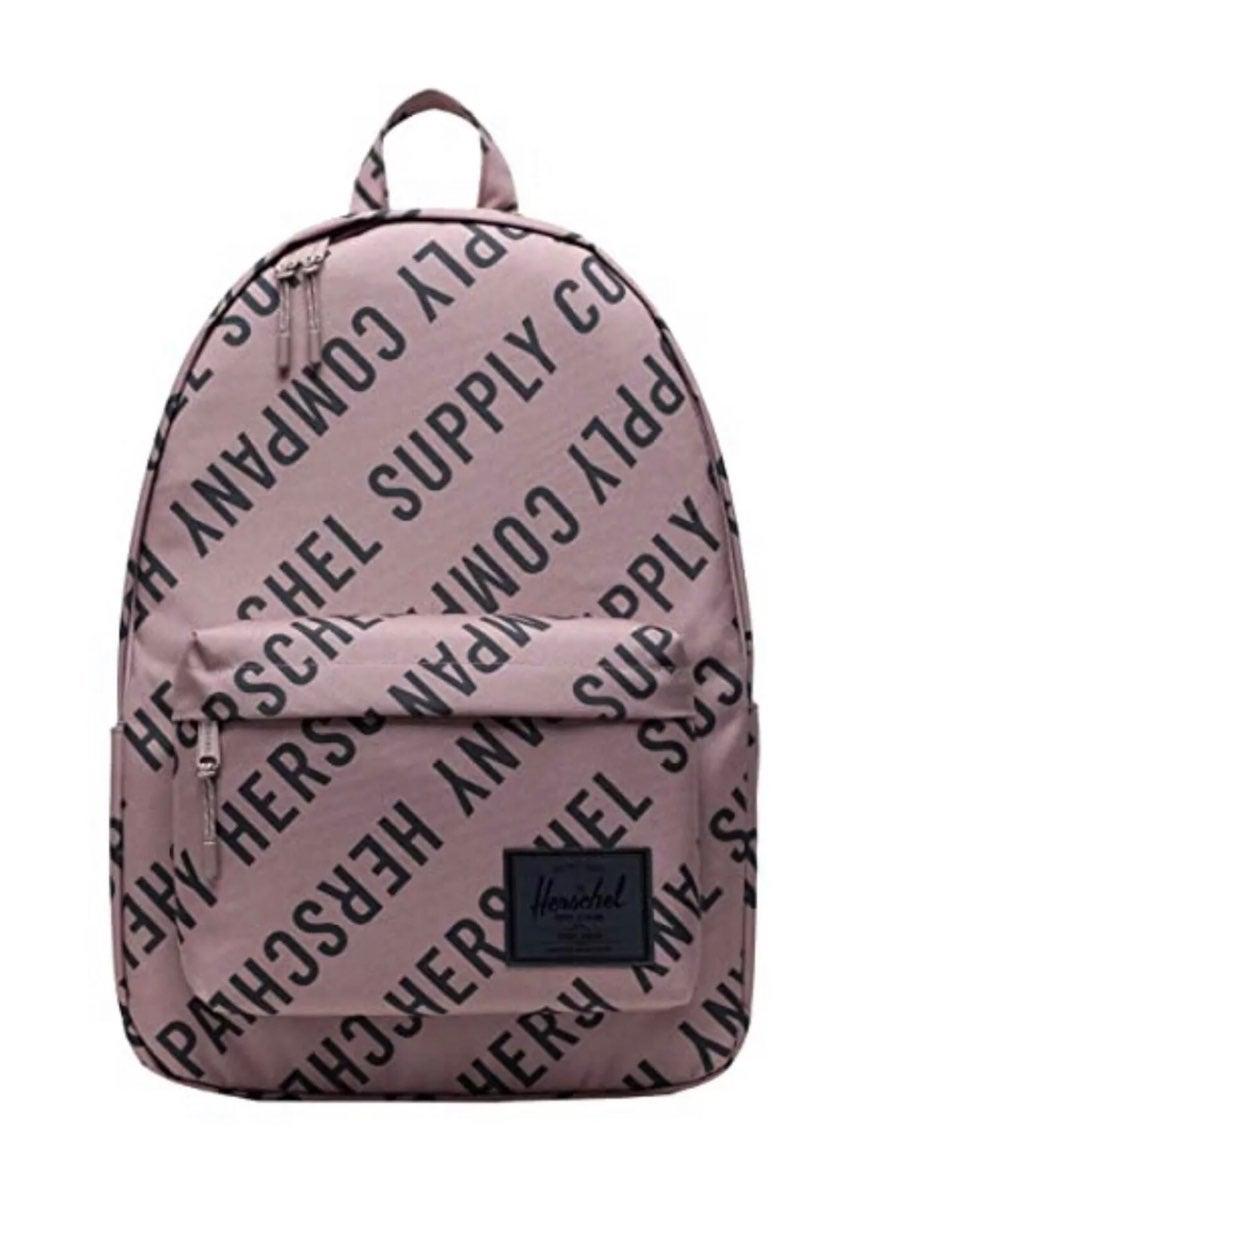 Herschel Roll Call Ash Rose Backpack